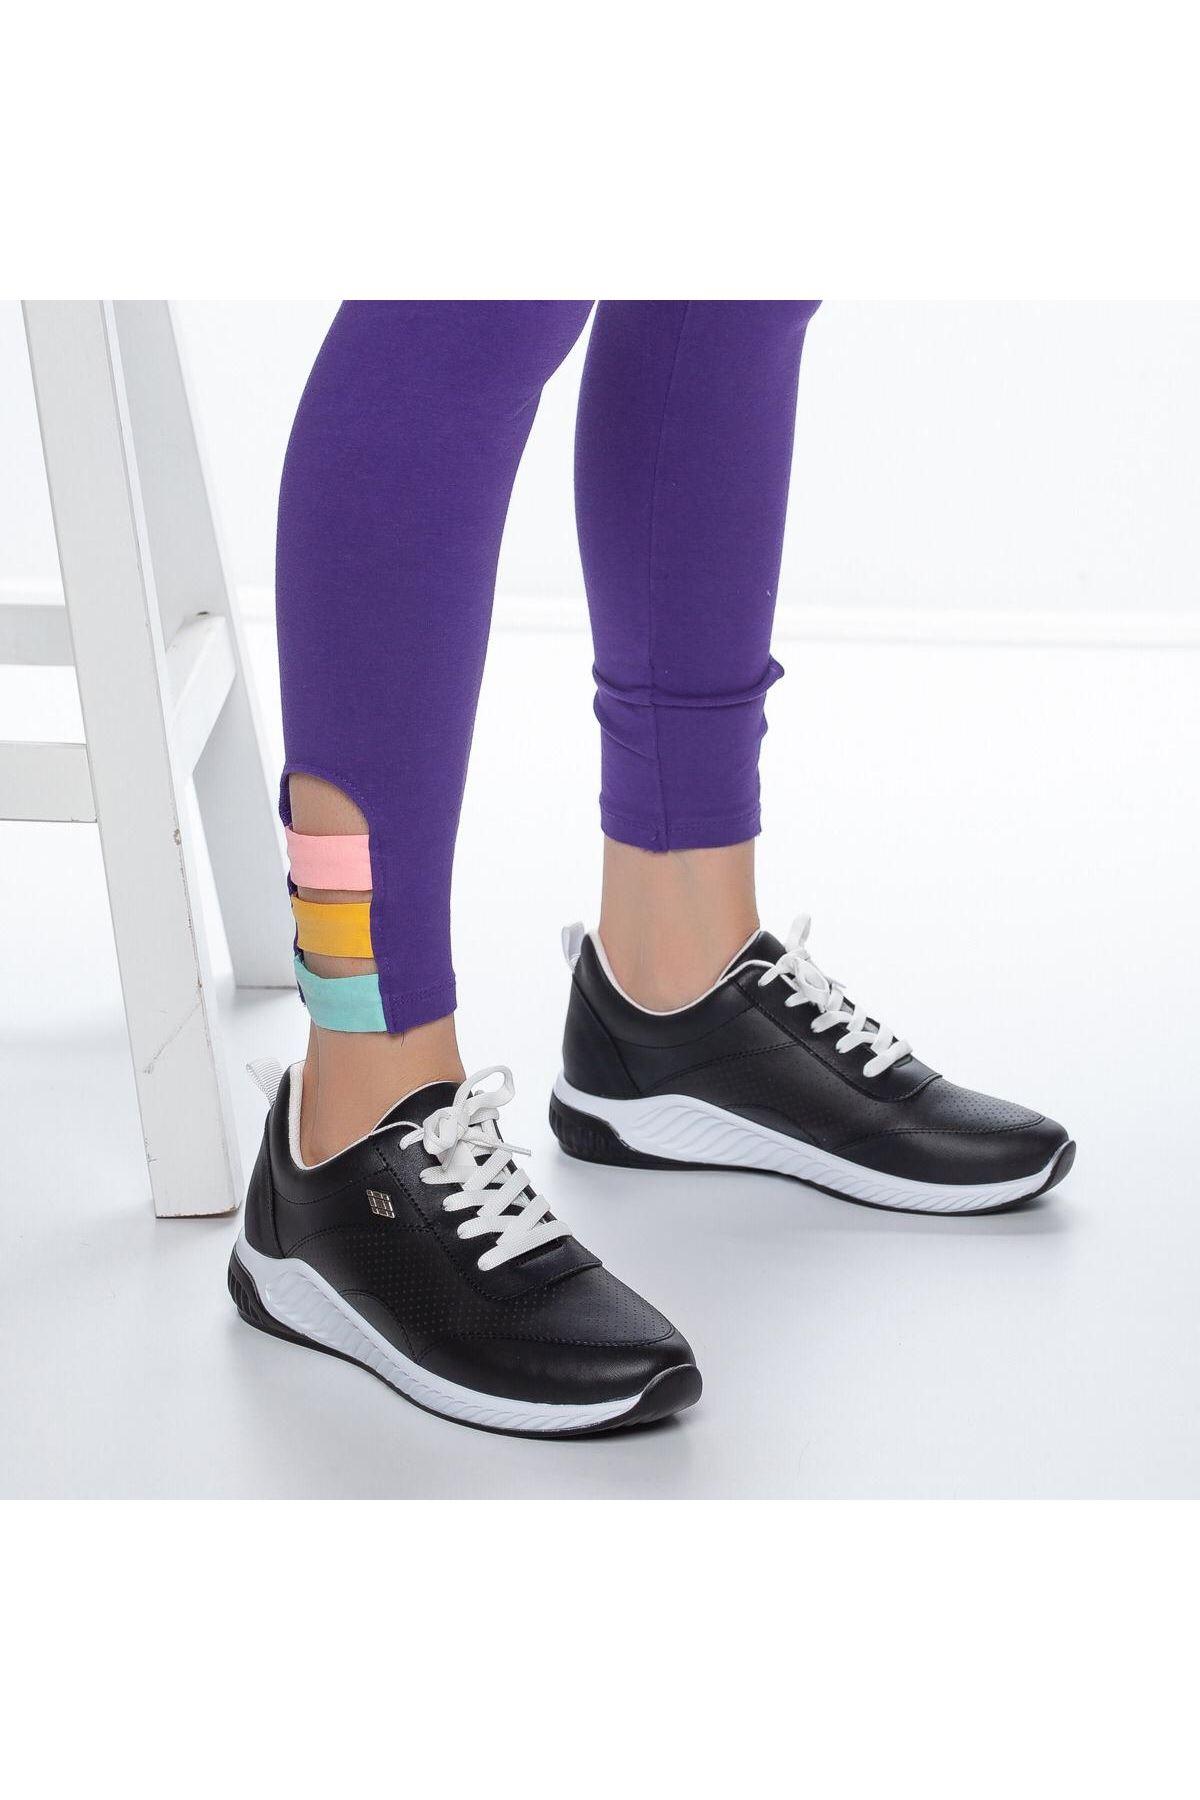 Derin Delik Detay Kadın Spor Ayakkabı Siyah